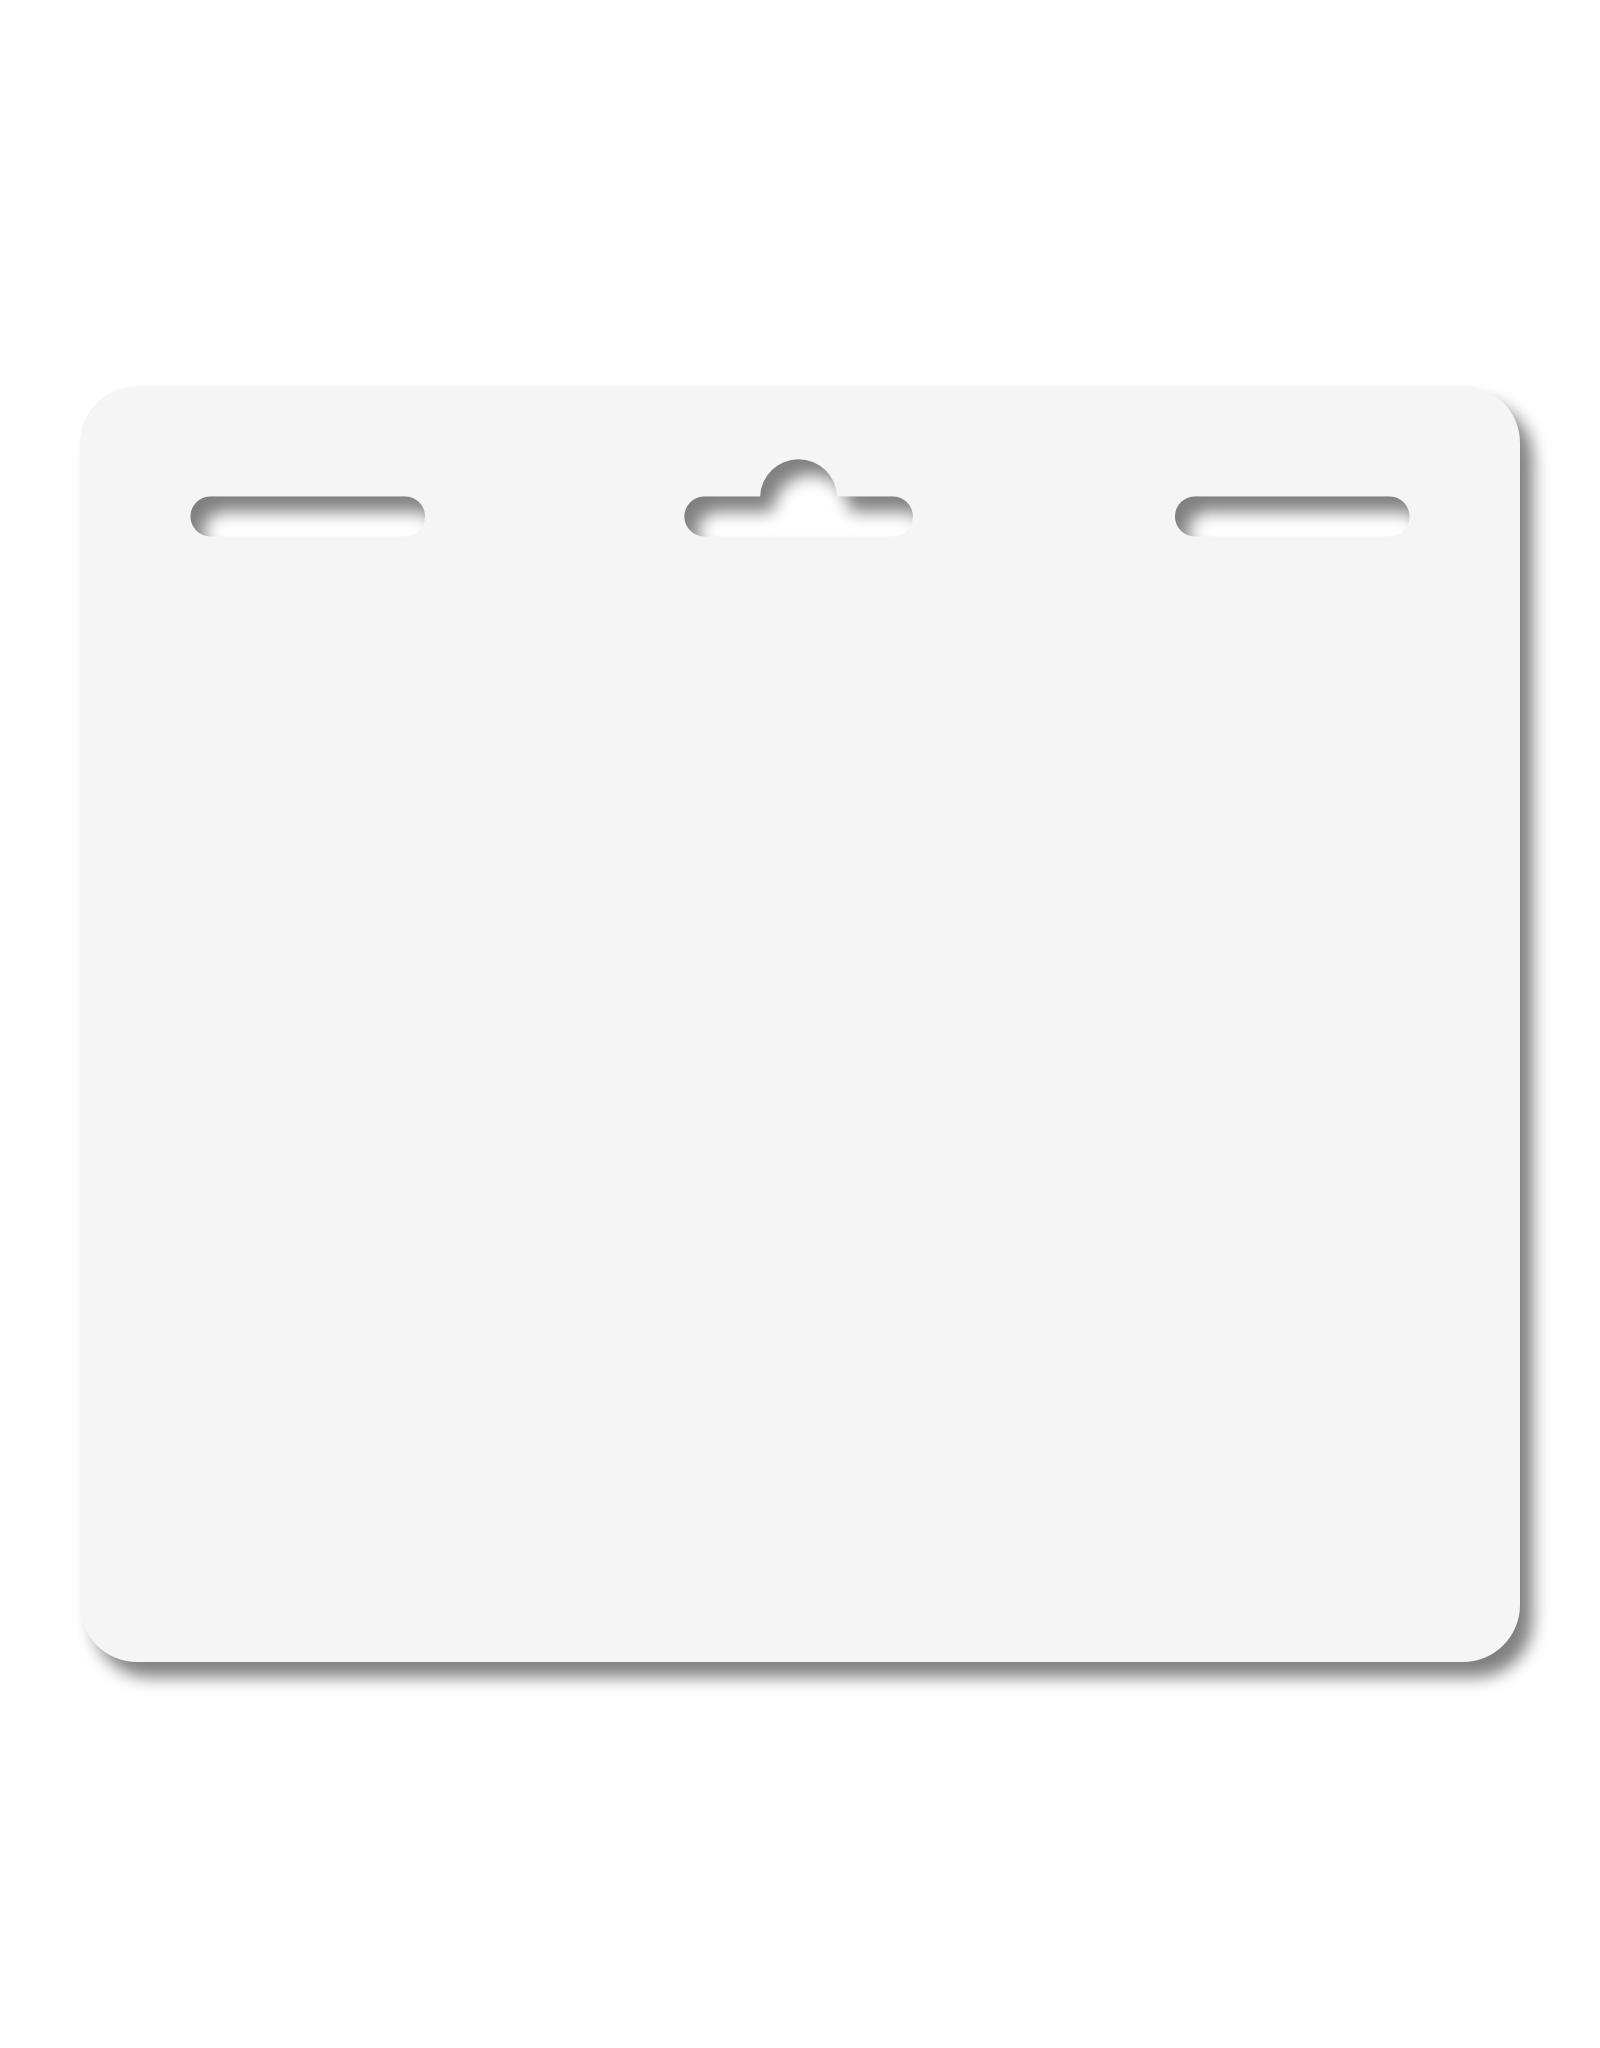 MeetingLinq Butterfly badge plakbadge – Dubbelzijdig, geen folie, Medium, 3  sleuven